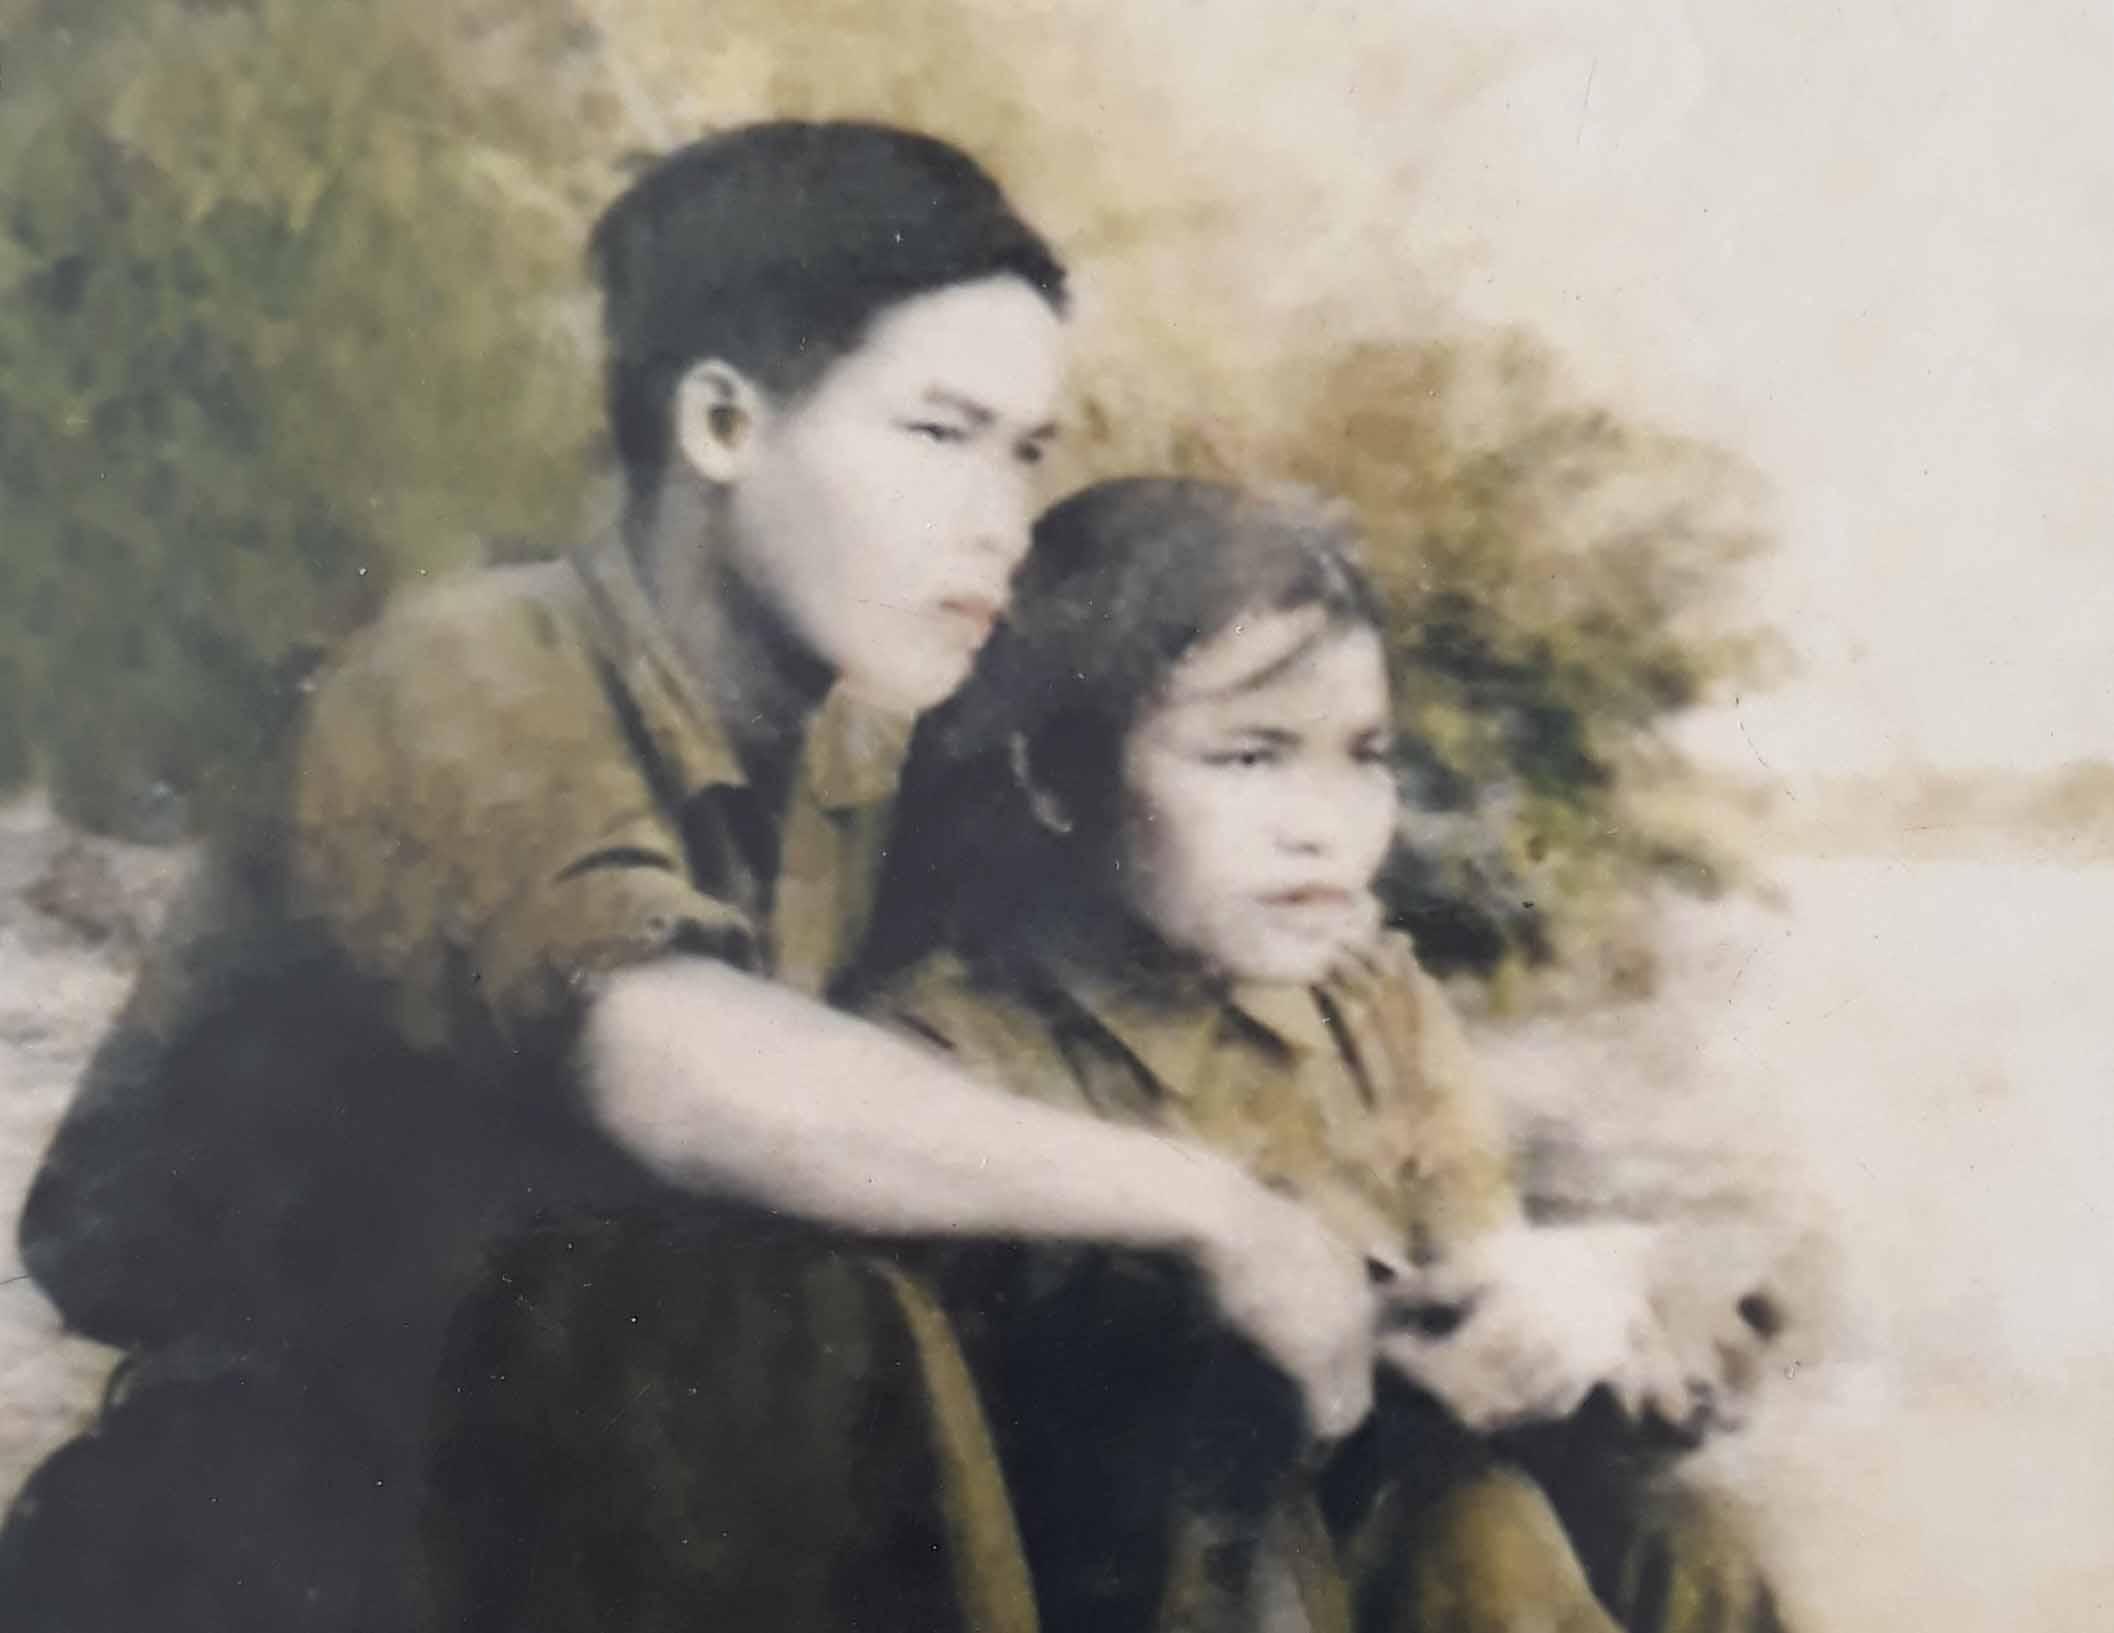 Chuyện tình mộc mạc của 2 người lính Trường Sơn